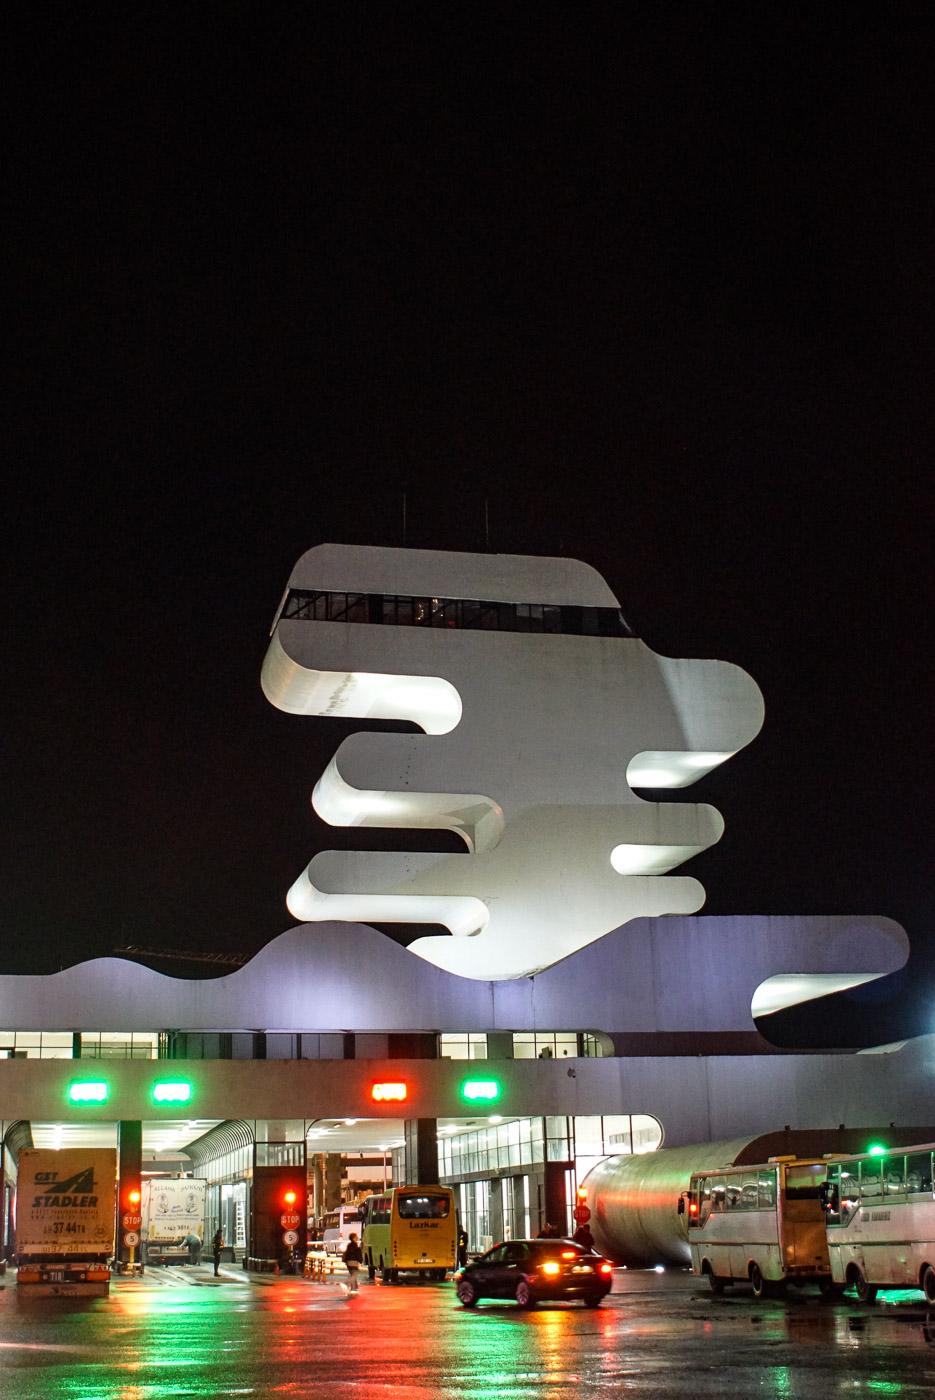 Zu sehen ist es futuristische Grenzgebäude zwischen der Grenze von Georgien und der Türkei.